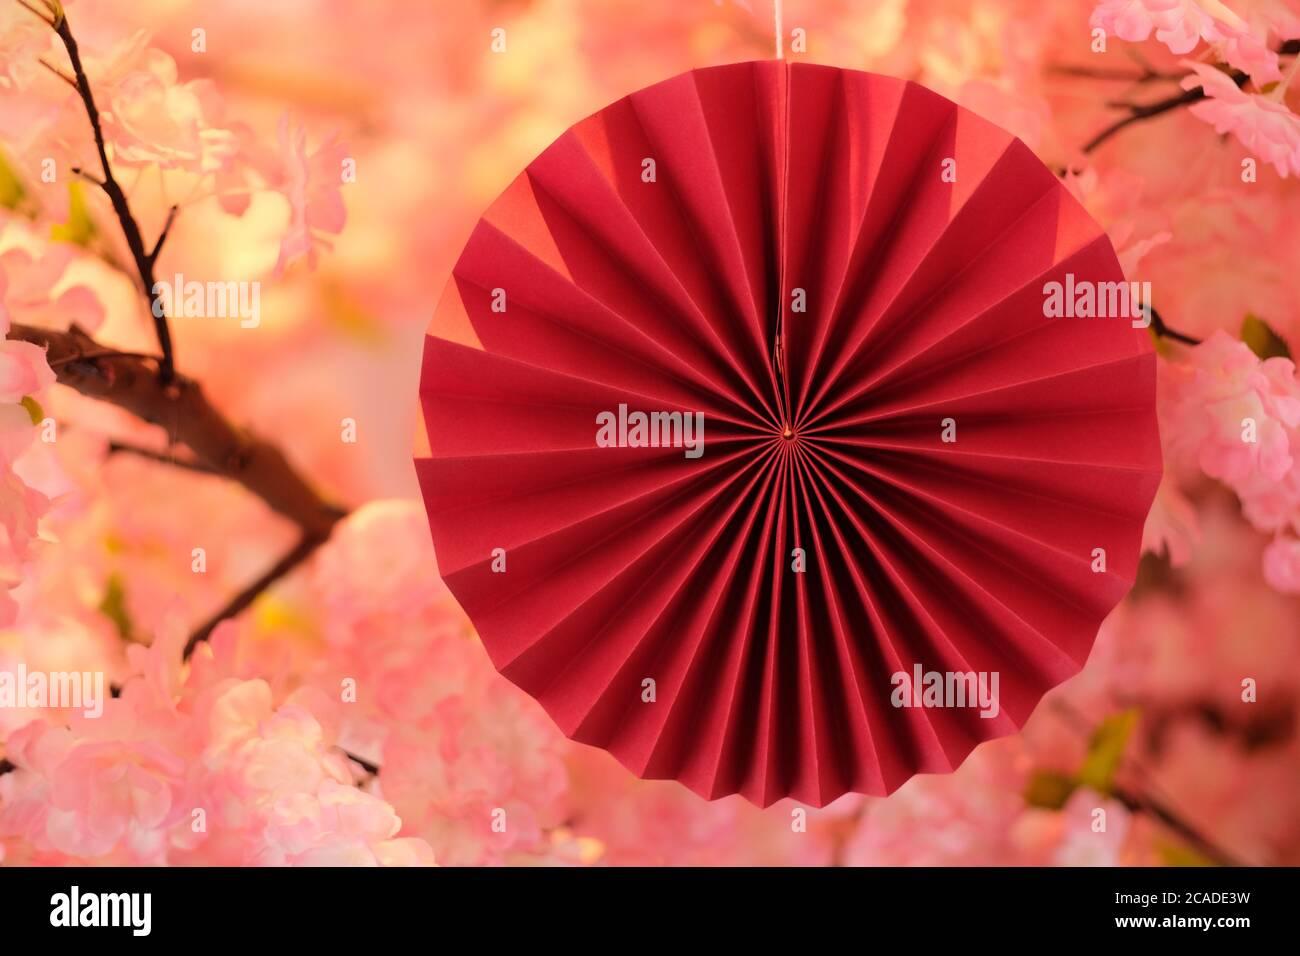 Nahaufnahme traditioneller japanischer Papierkunst (Origami) mit unscharfem rosa Sakura-Hintergrund. Japanisches Kulturkonzept Stockfoto